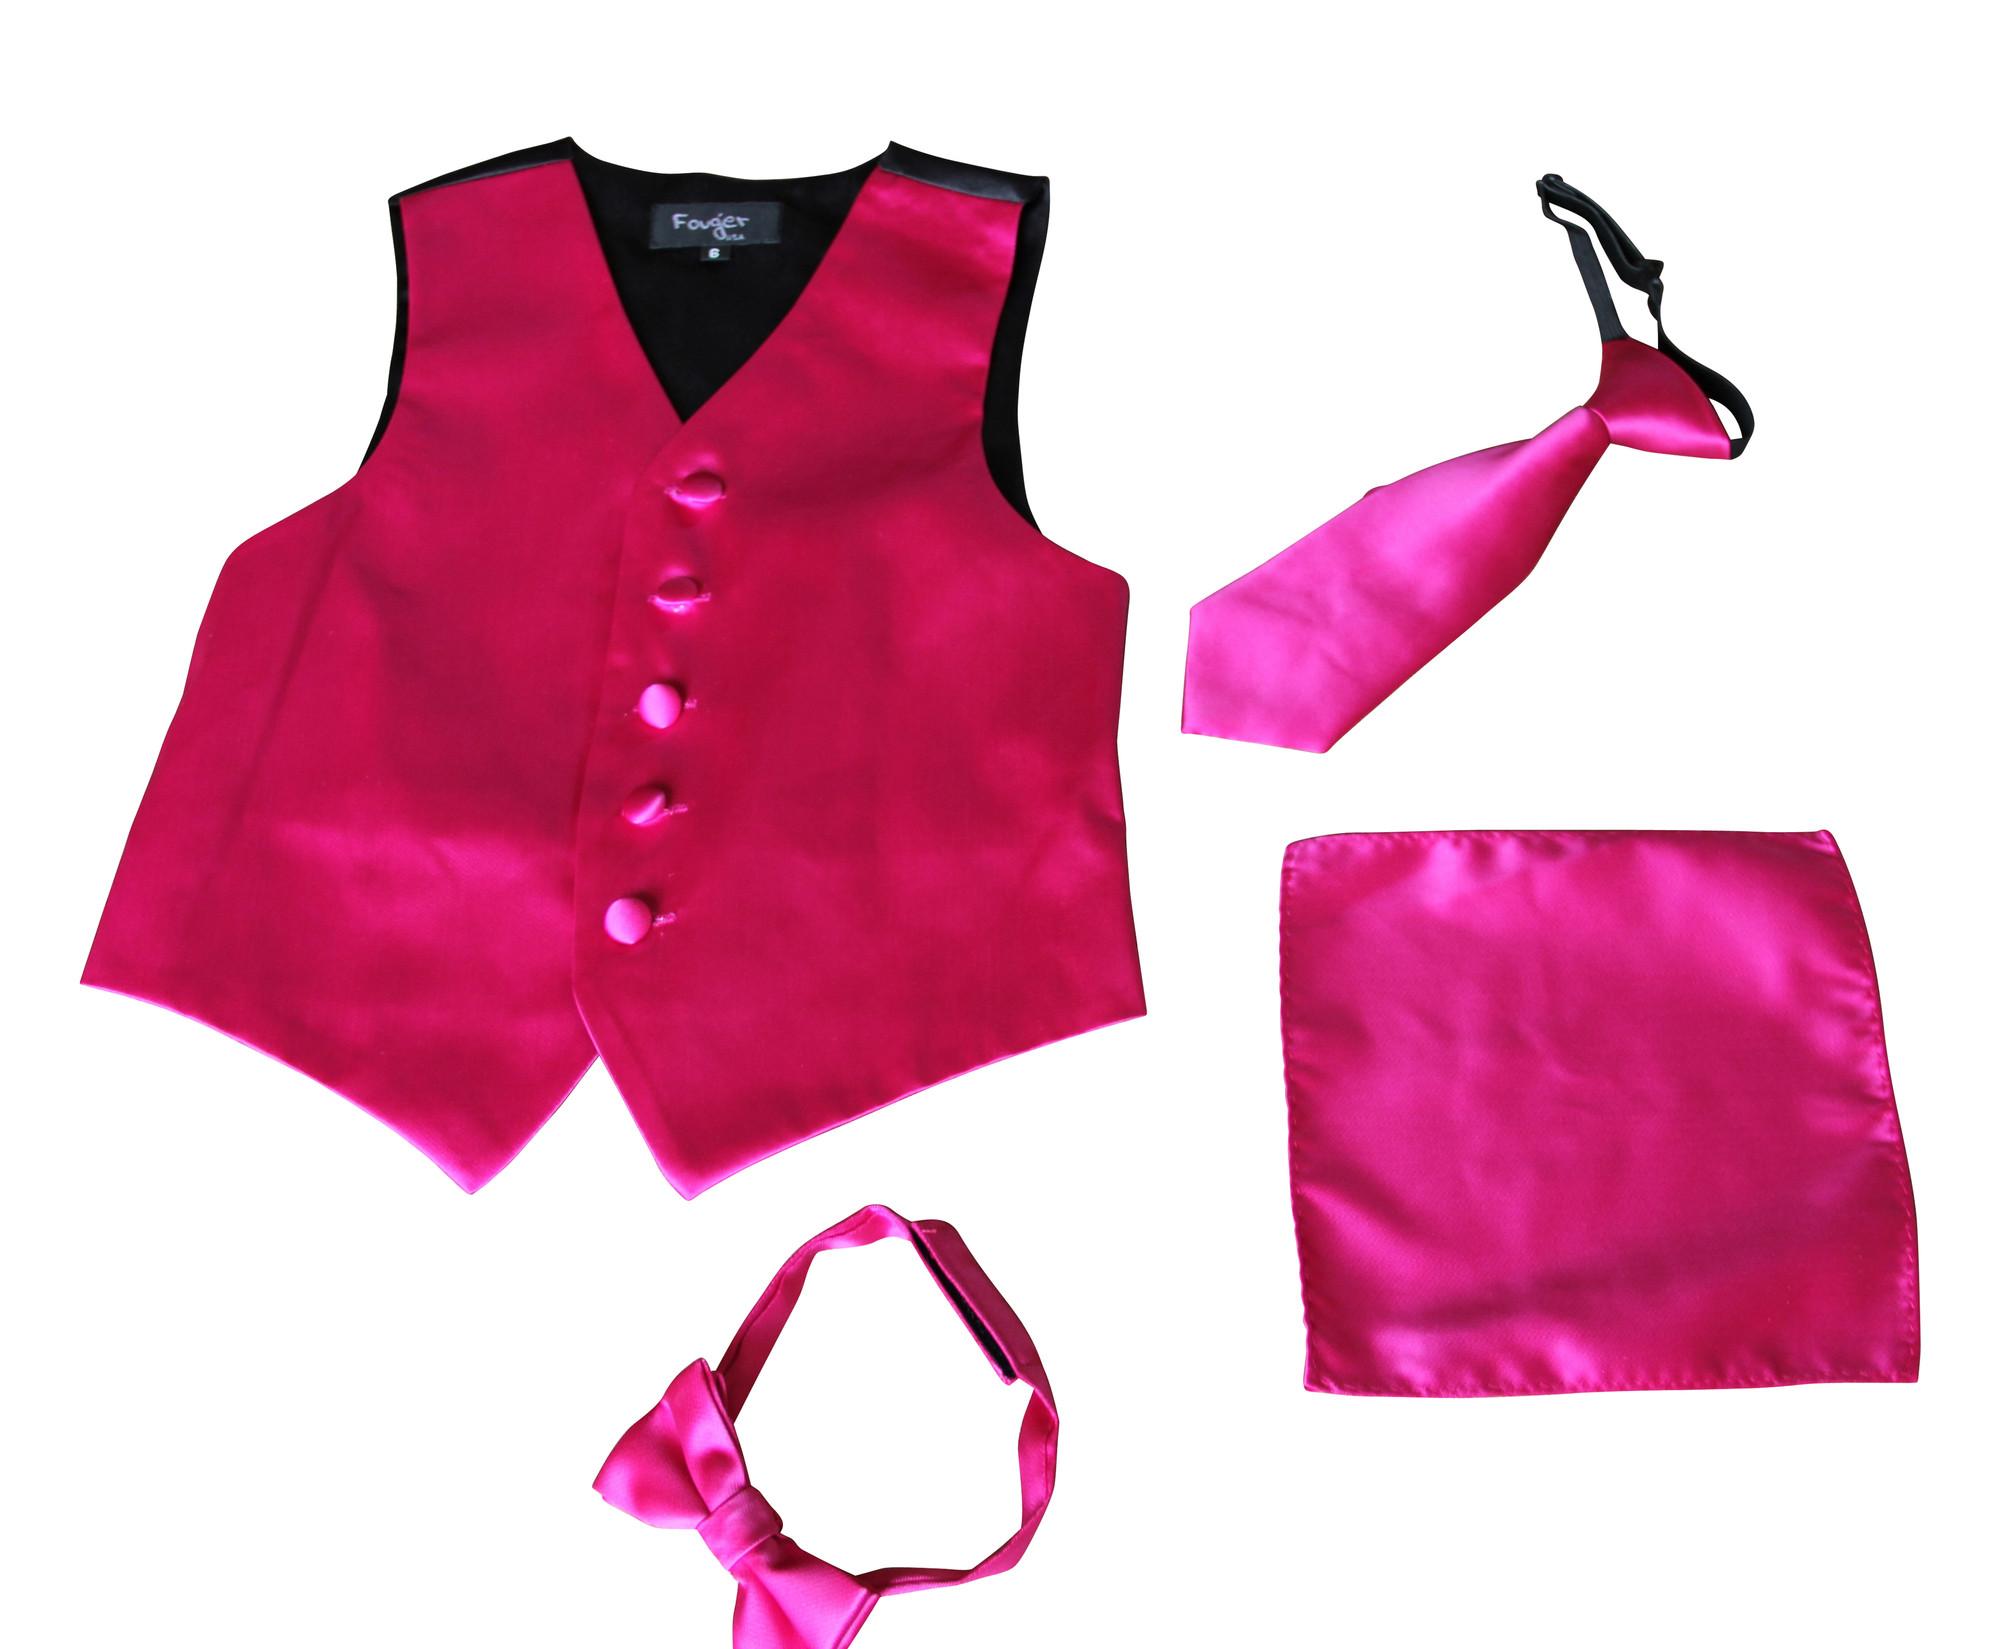 BIMARO Jungen Anzug Weste Alex pink rosa Kinder Set Weste Krawatte Fliege Tuch festlich Hochzeit Weihnachten Taufe